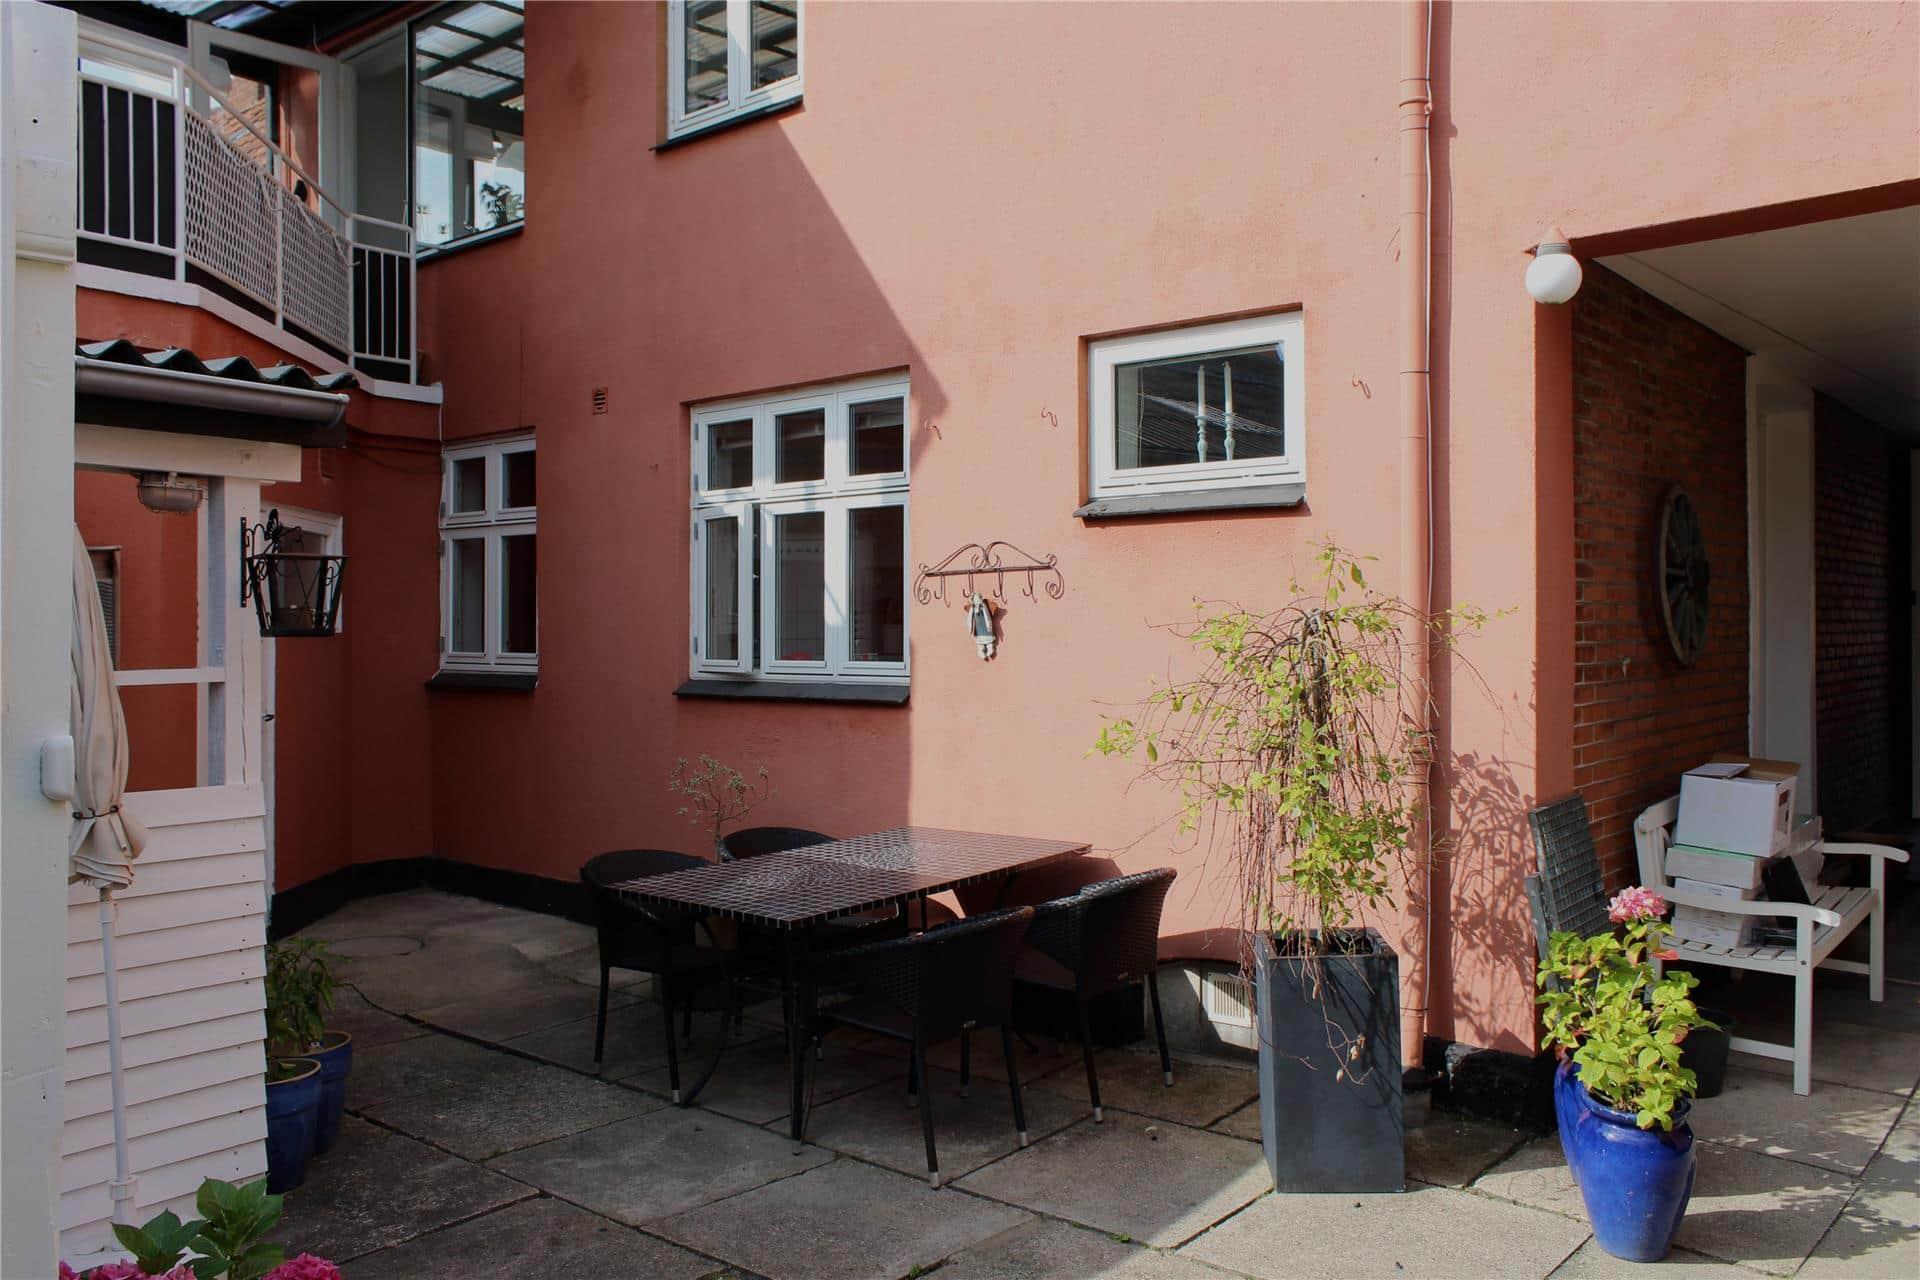 Bild 1-3 Ferienhaus M66011, Vestergade 111, DK - 5700 Svendborg